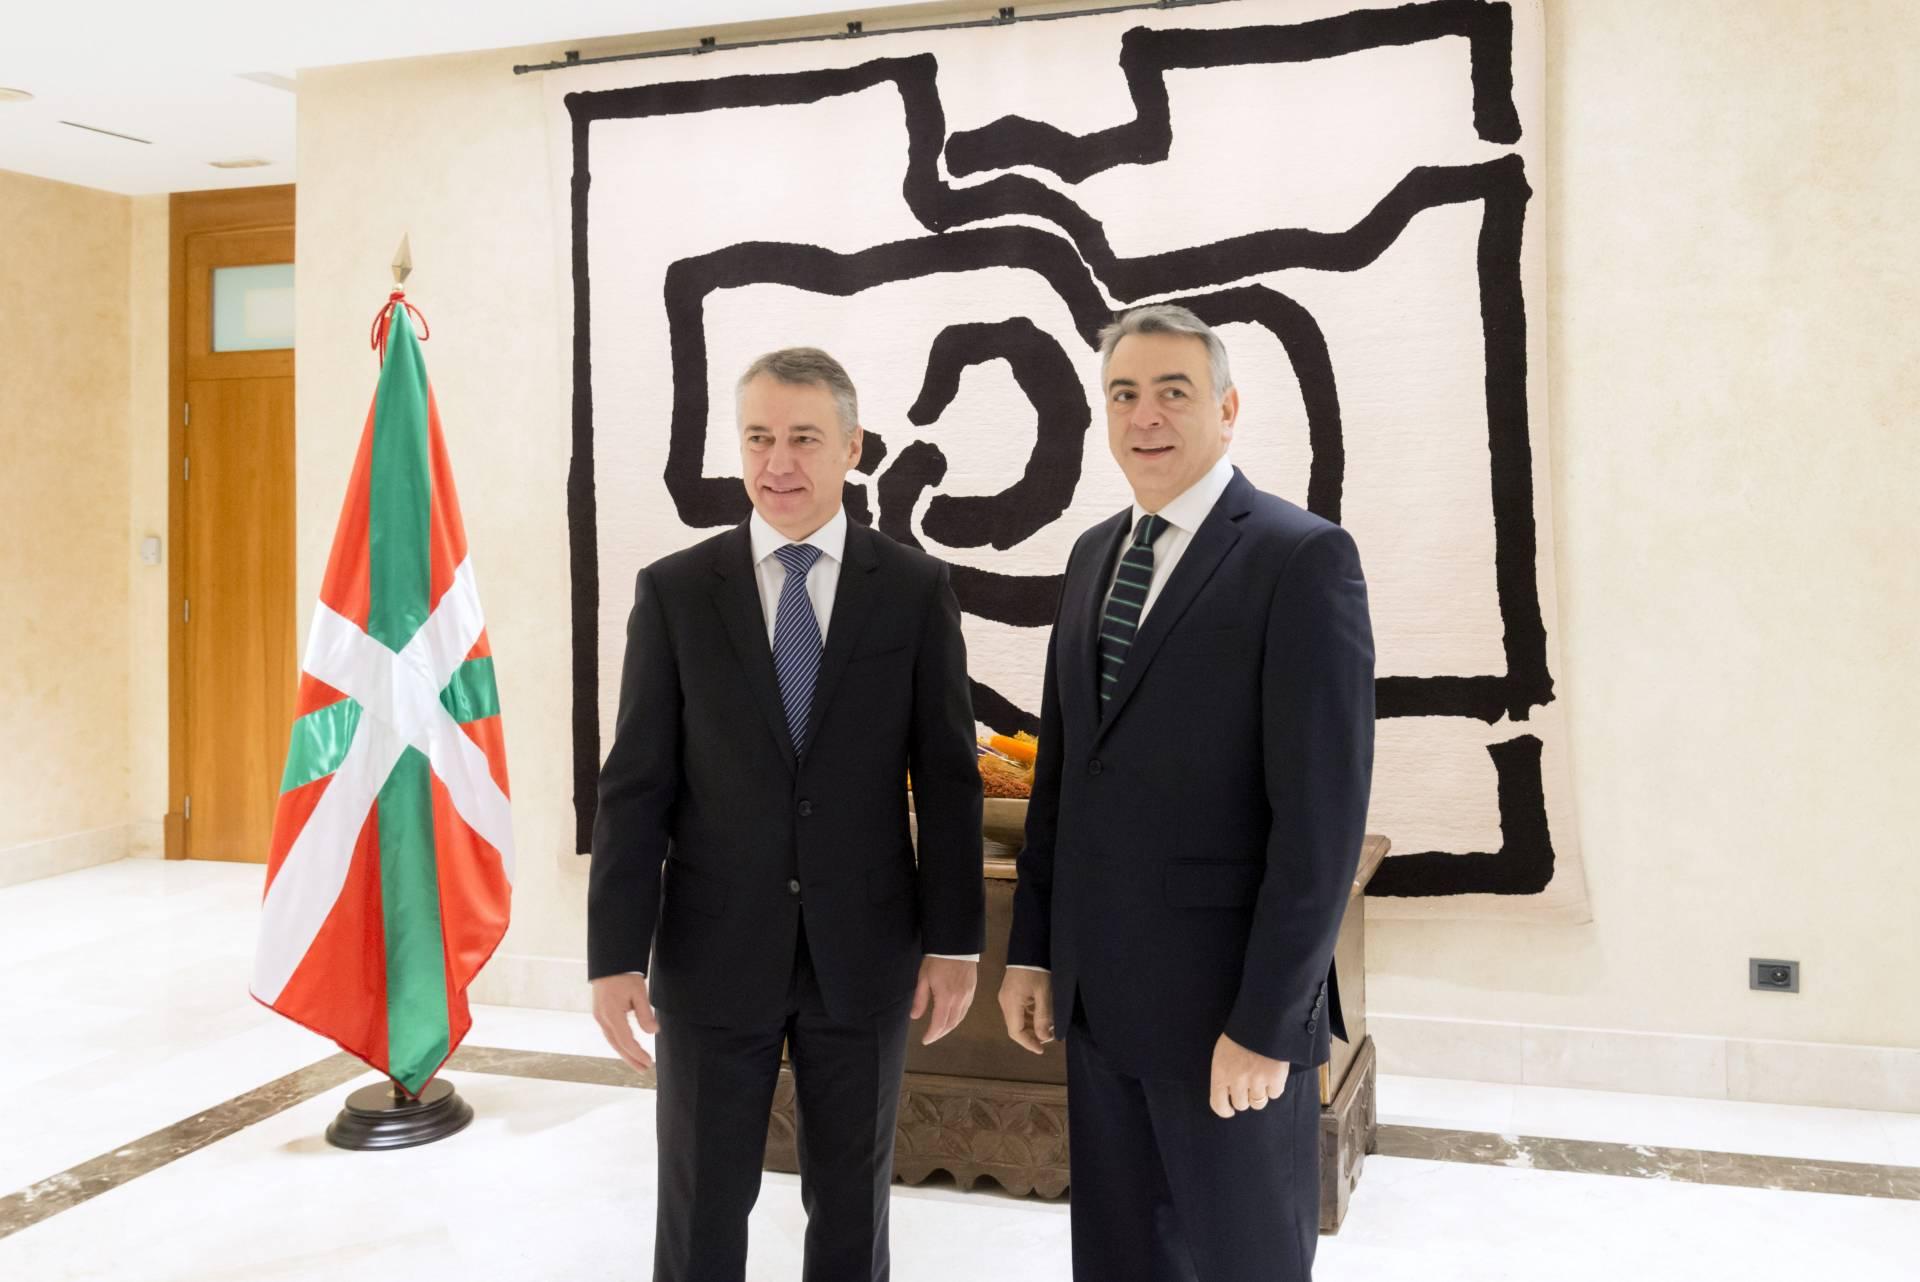 El lehendakari, Iñigo Urkullu, y el nuevo delegado del Gobierno en el País Vasco, Javier de Andrés.